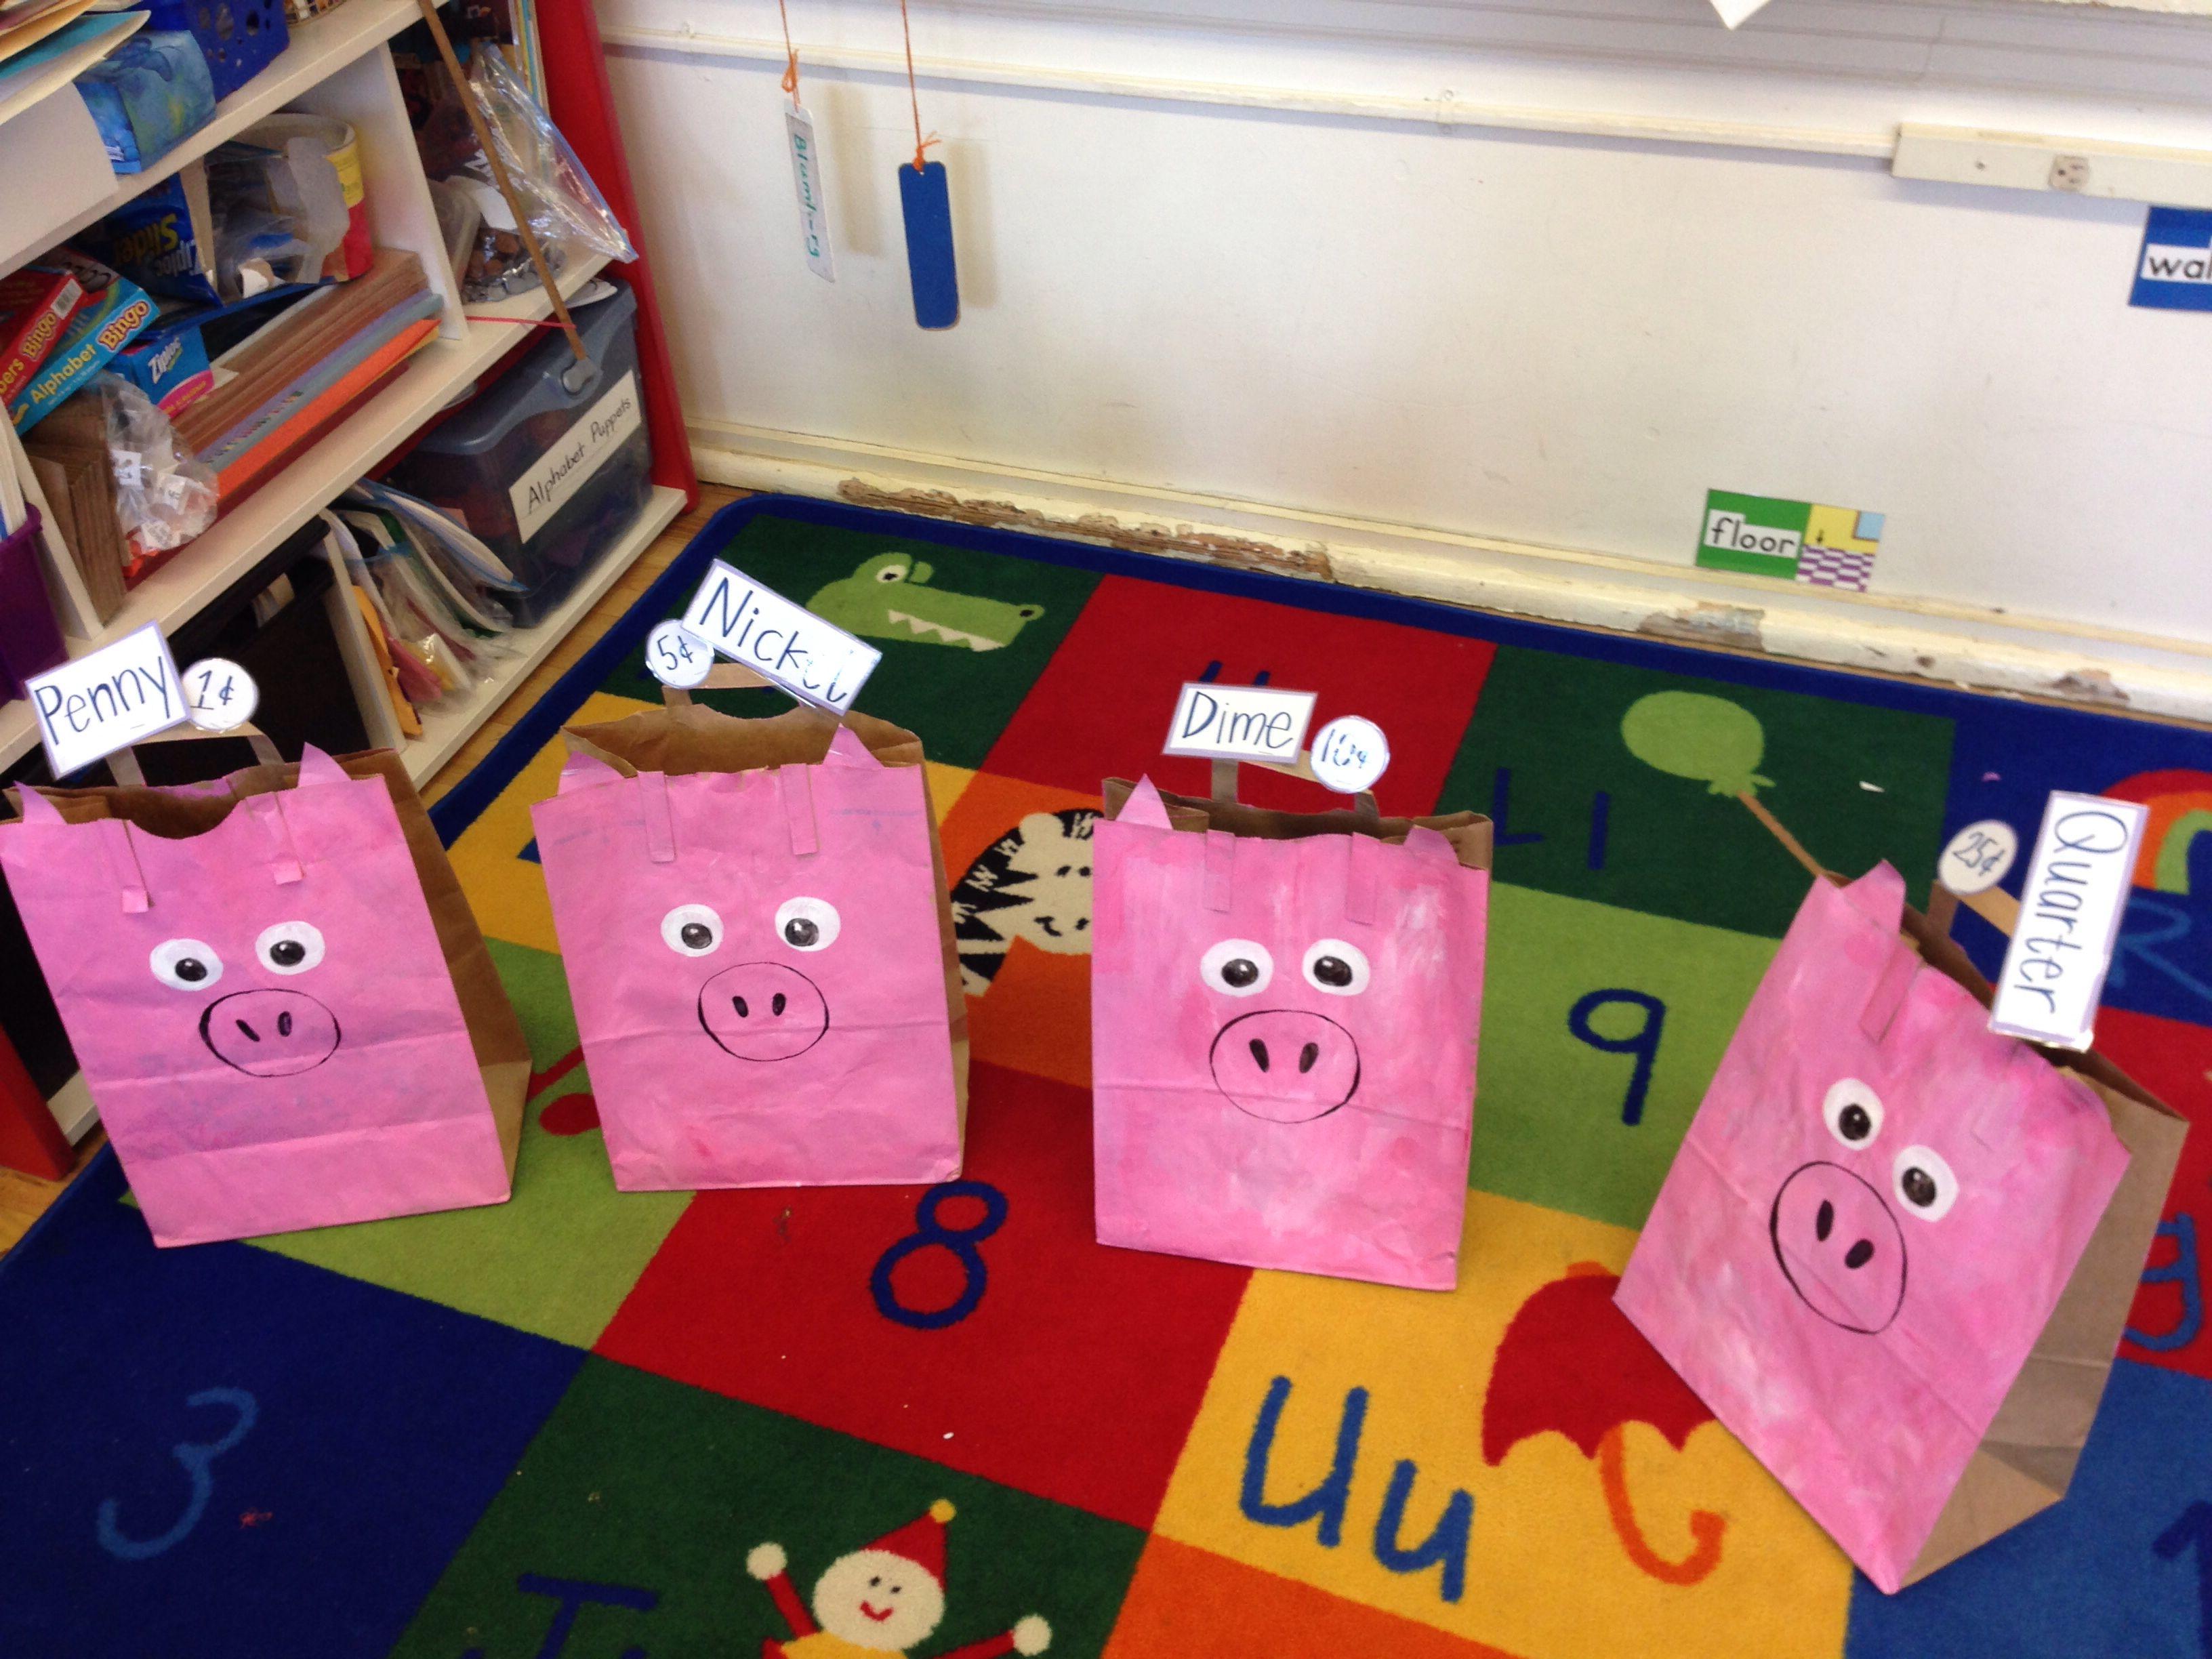 Piggy Bank Sorting Activity For Kindergarteners Sort